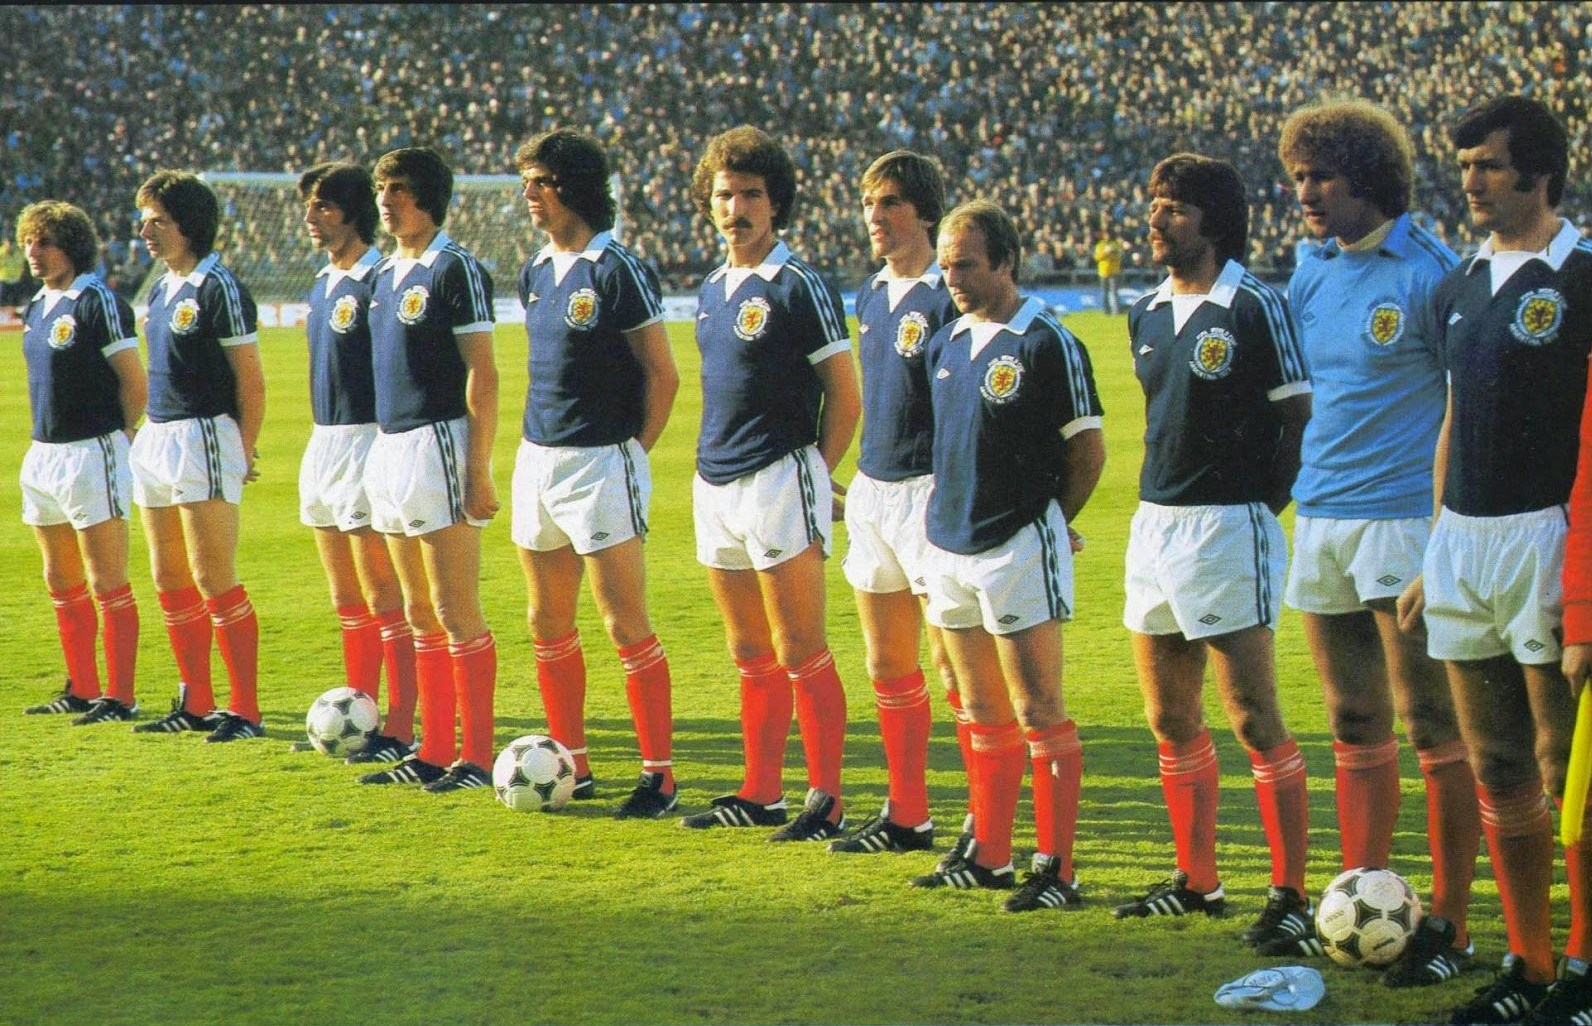 Η Εθνική Σκωτίας στο Μουντιάλ του 1978